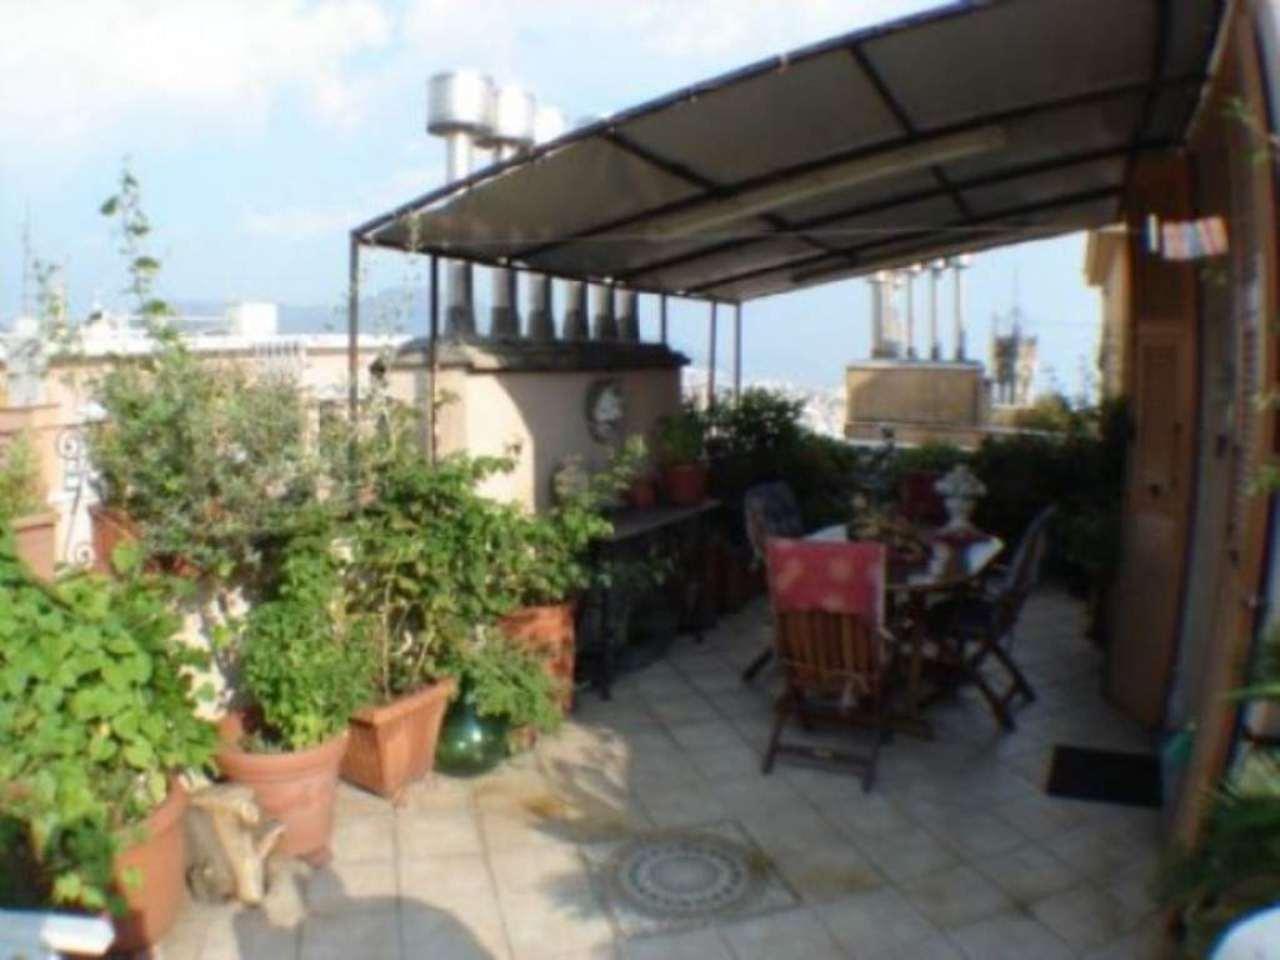 Attico / Mansarda in vendita a Genova, 4 locali, prezzo € 250.000 | Cambio Casa.it